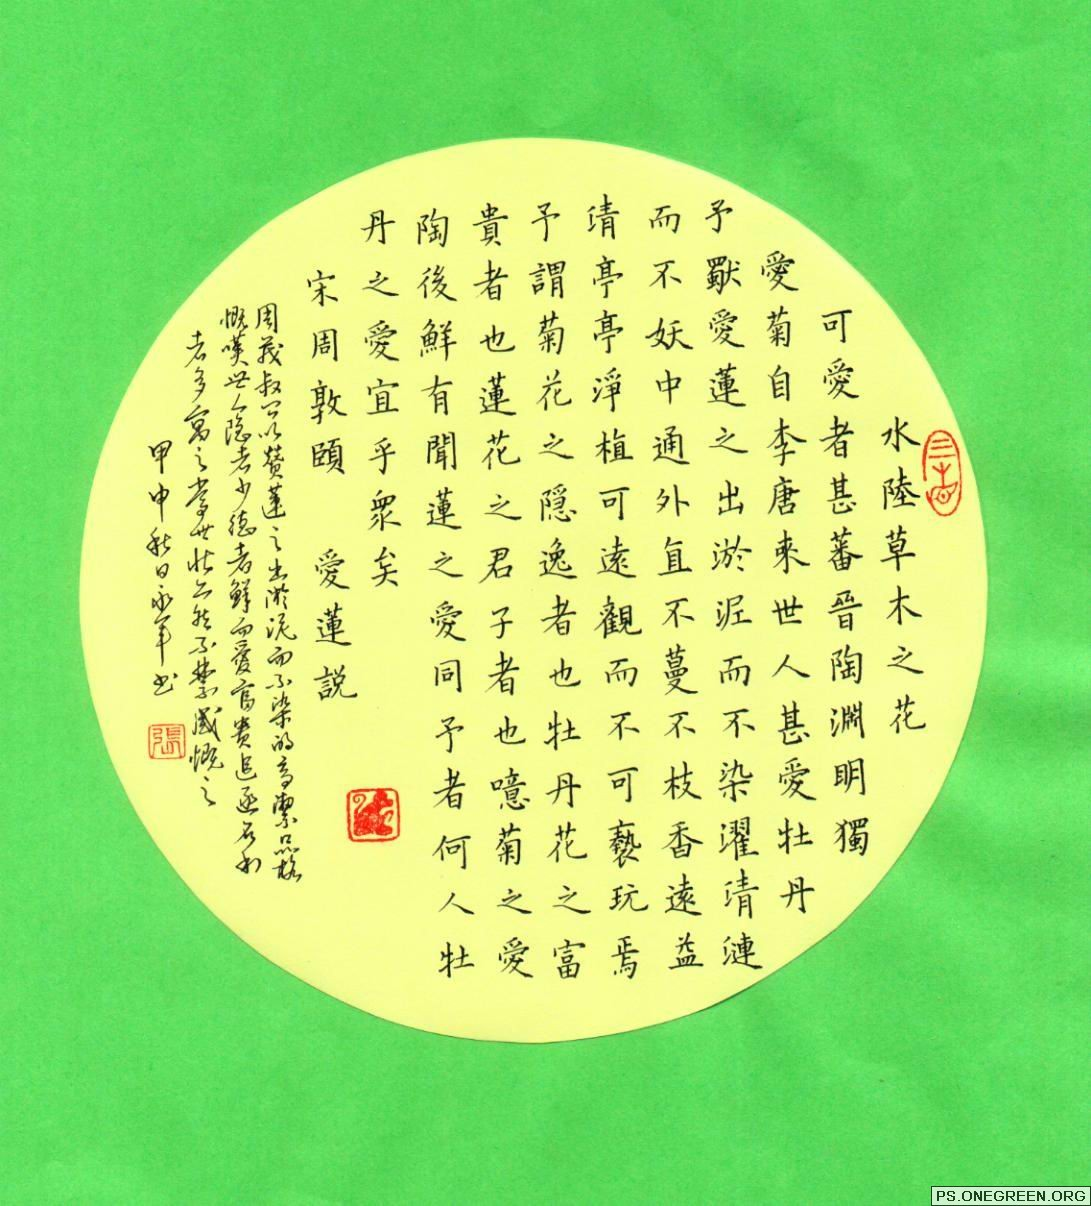 硬笔书法作品欣赏(二)-林邑良民的日志-网易